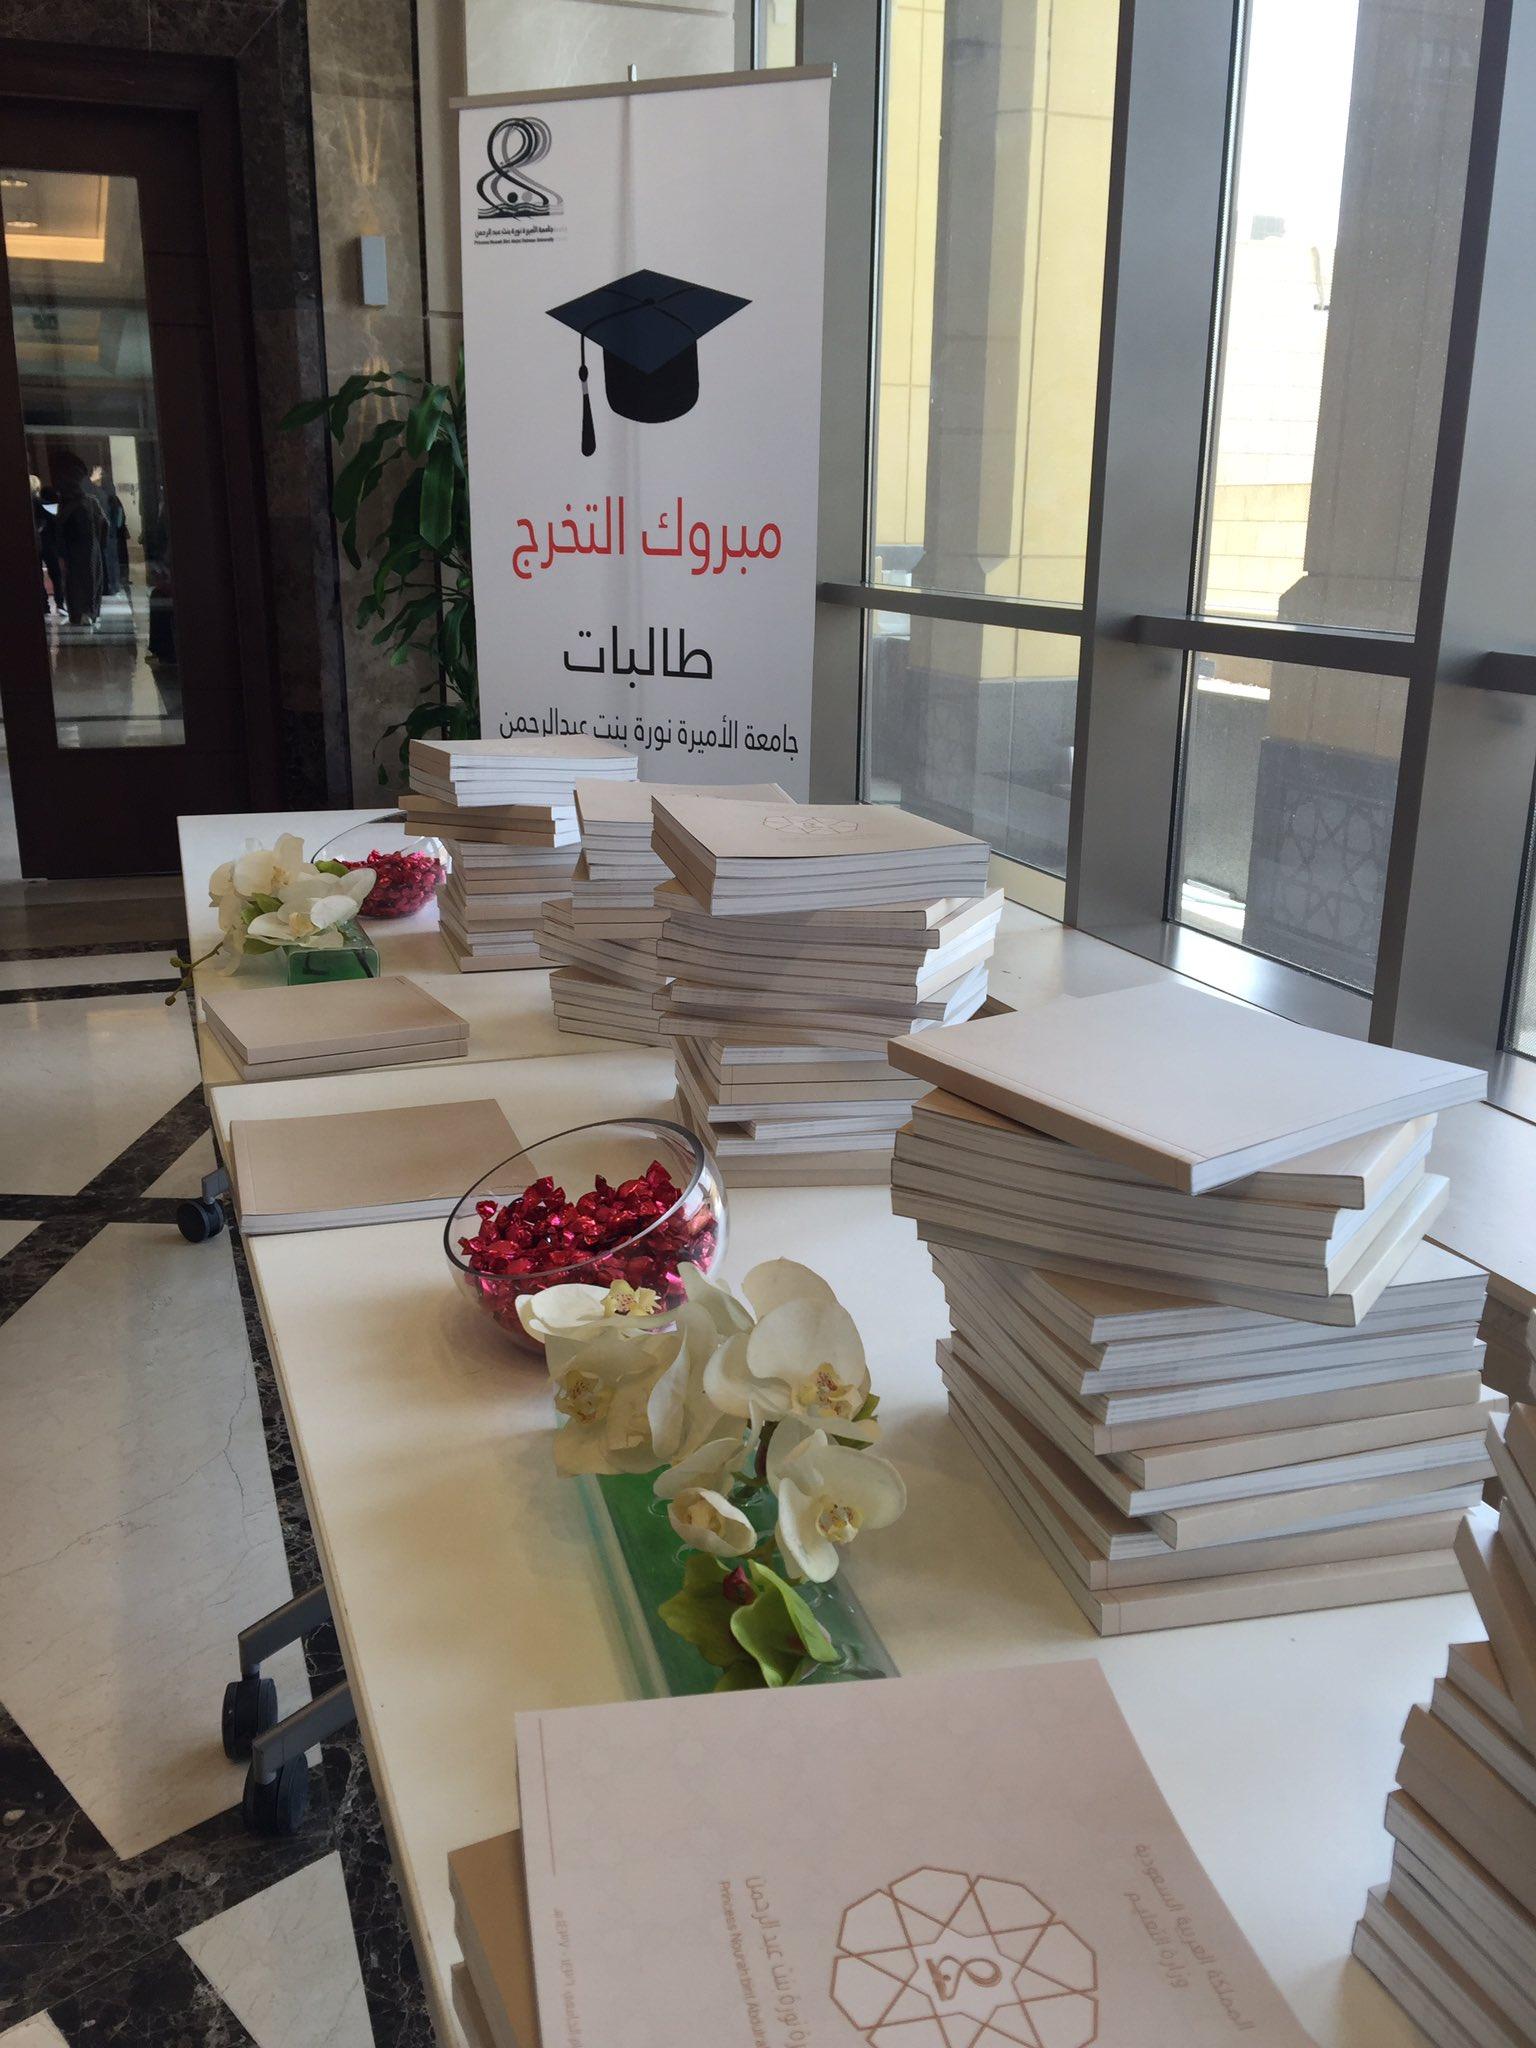 غادة المديهش Pa Twitter في جامعتي جامعة الأميرة نورة بنت